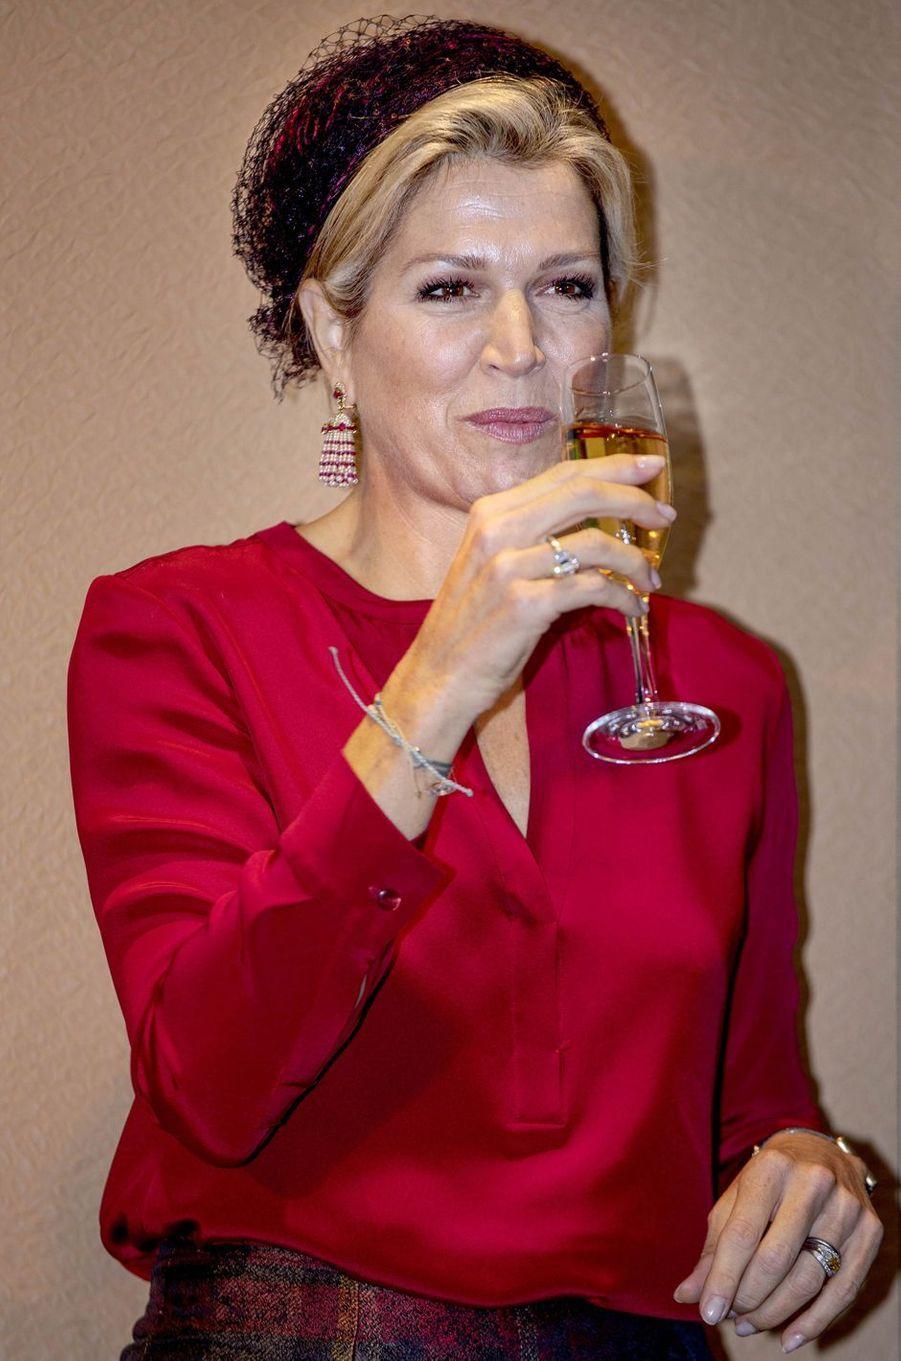 Les boucles d'oreille de la reine Maxima des Pays-Bas à La Haye, le 17 octobre 2018